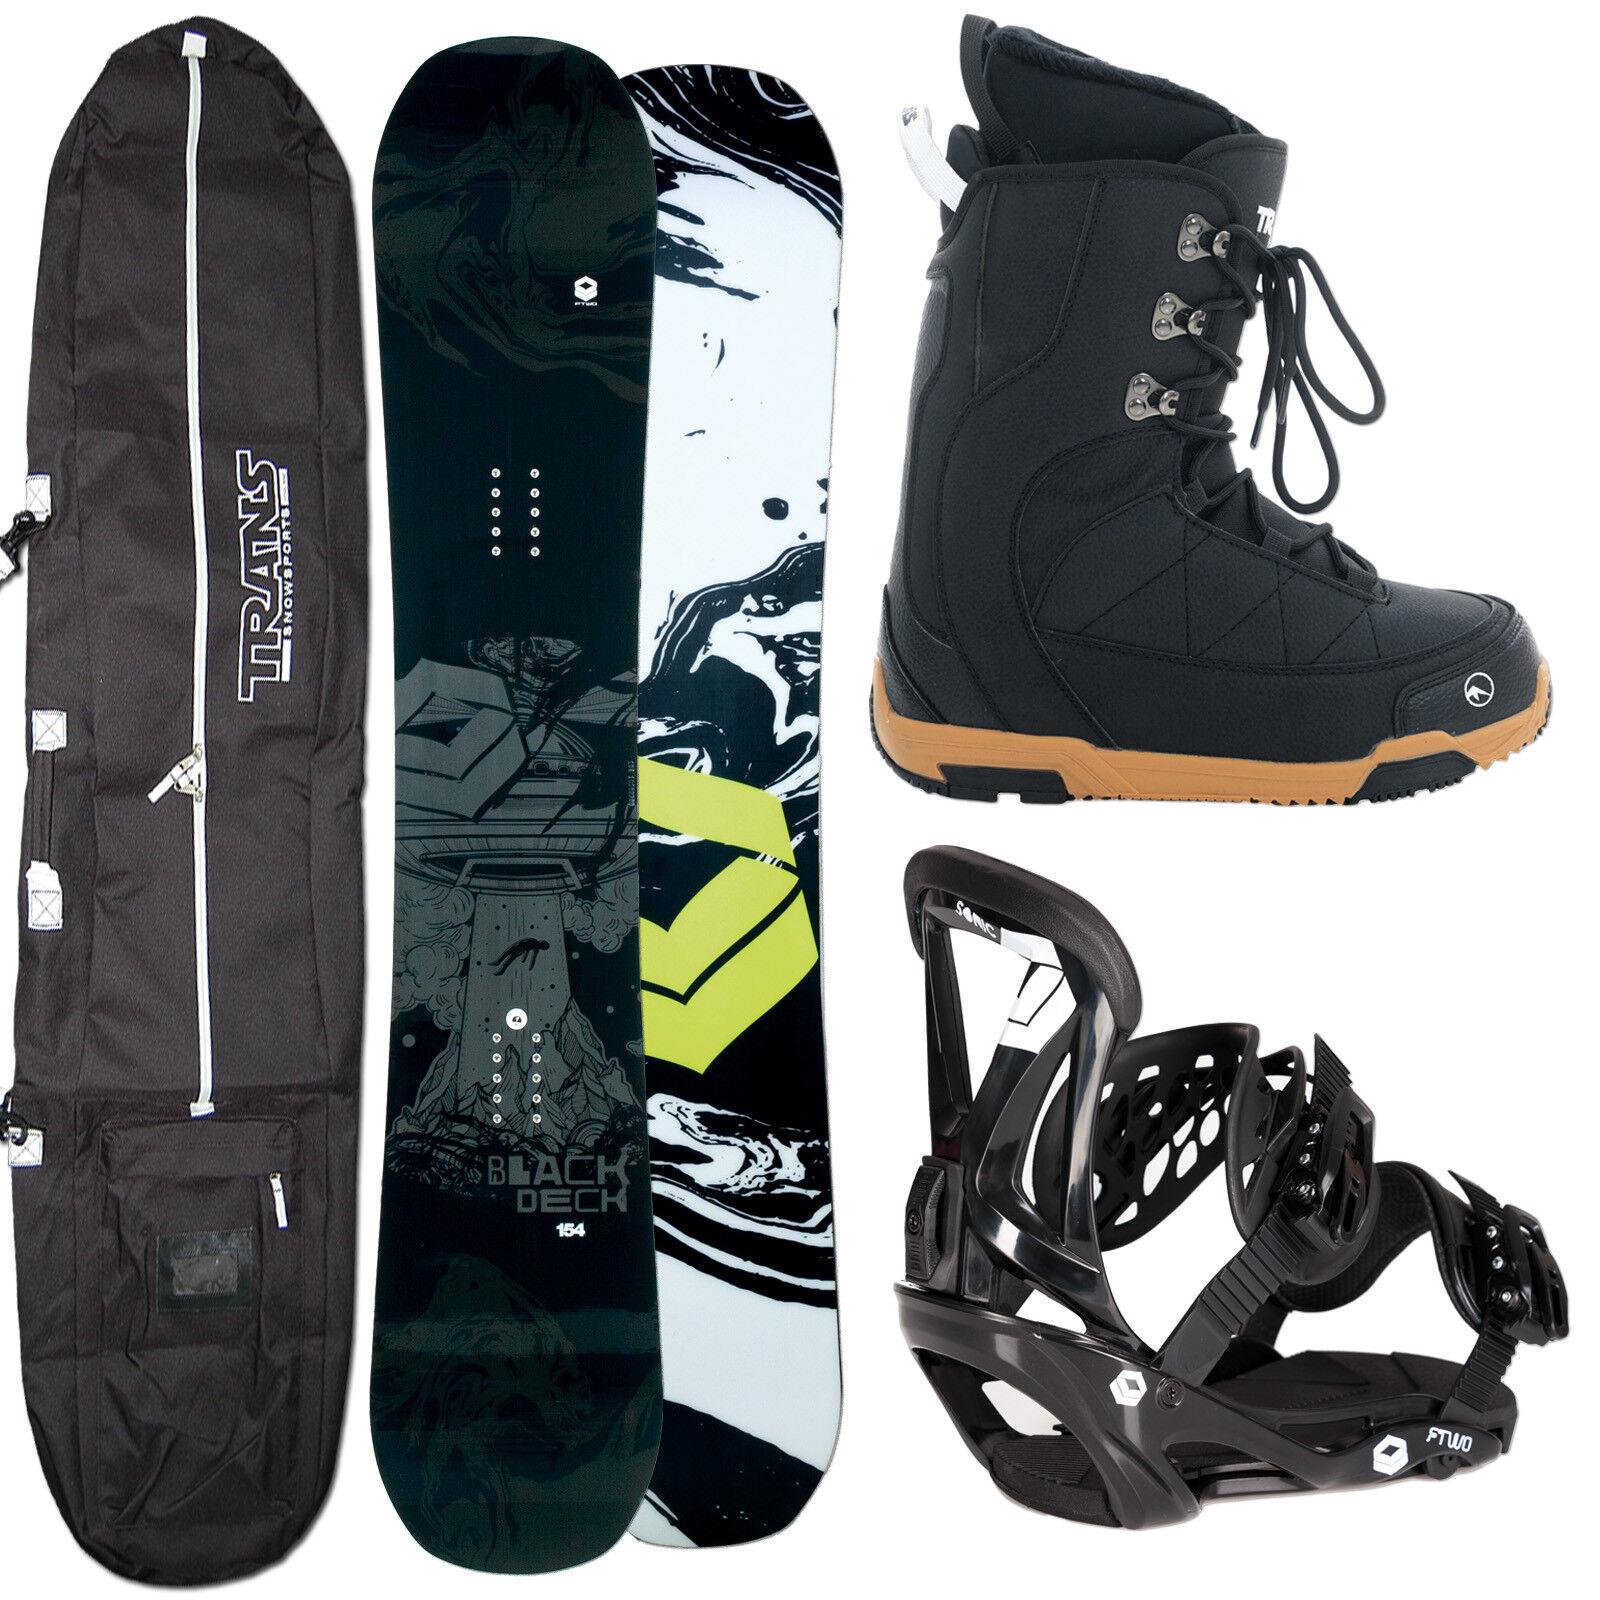 HERREN SNOWBOARD FTWO schwarzDECK 150 CM + FTWO SONIC BINDUNG M + Stiefel + BAG